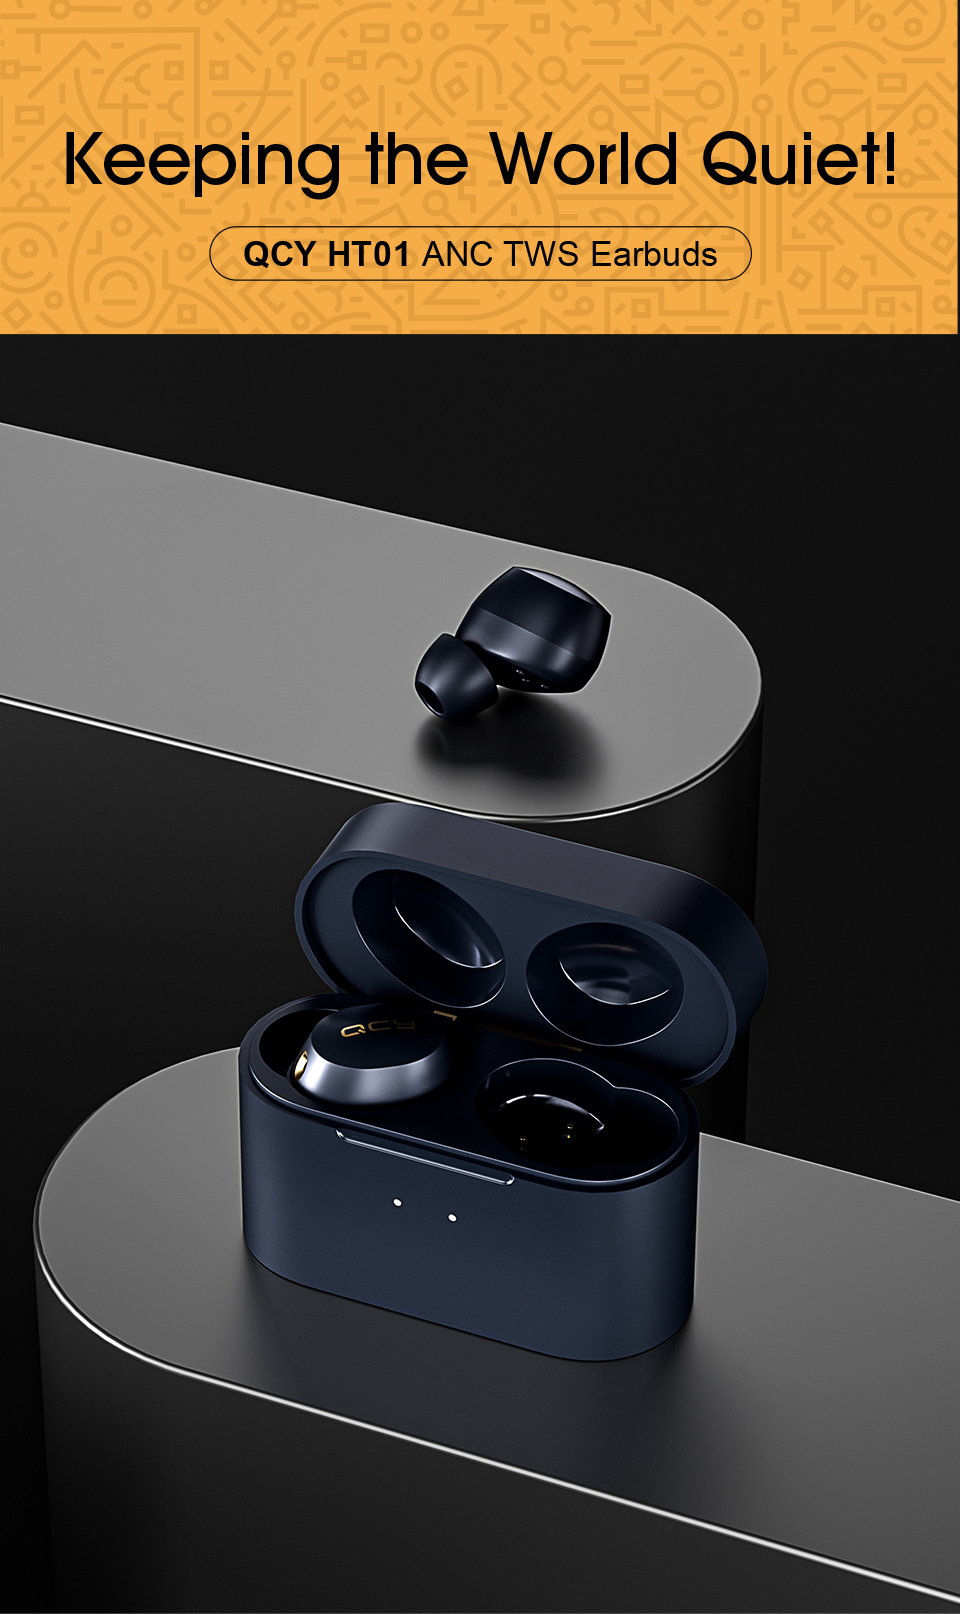 Xiaomi QCY HT01, auriculares ANC de bajo coste - Noticias Xiaomi